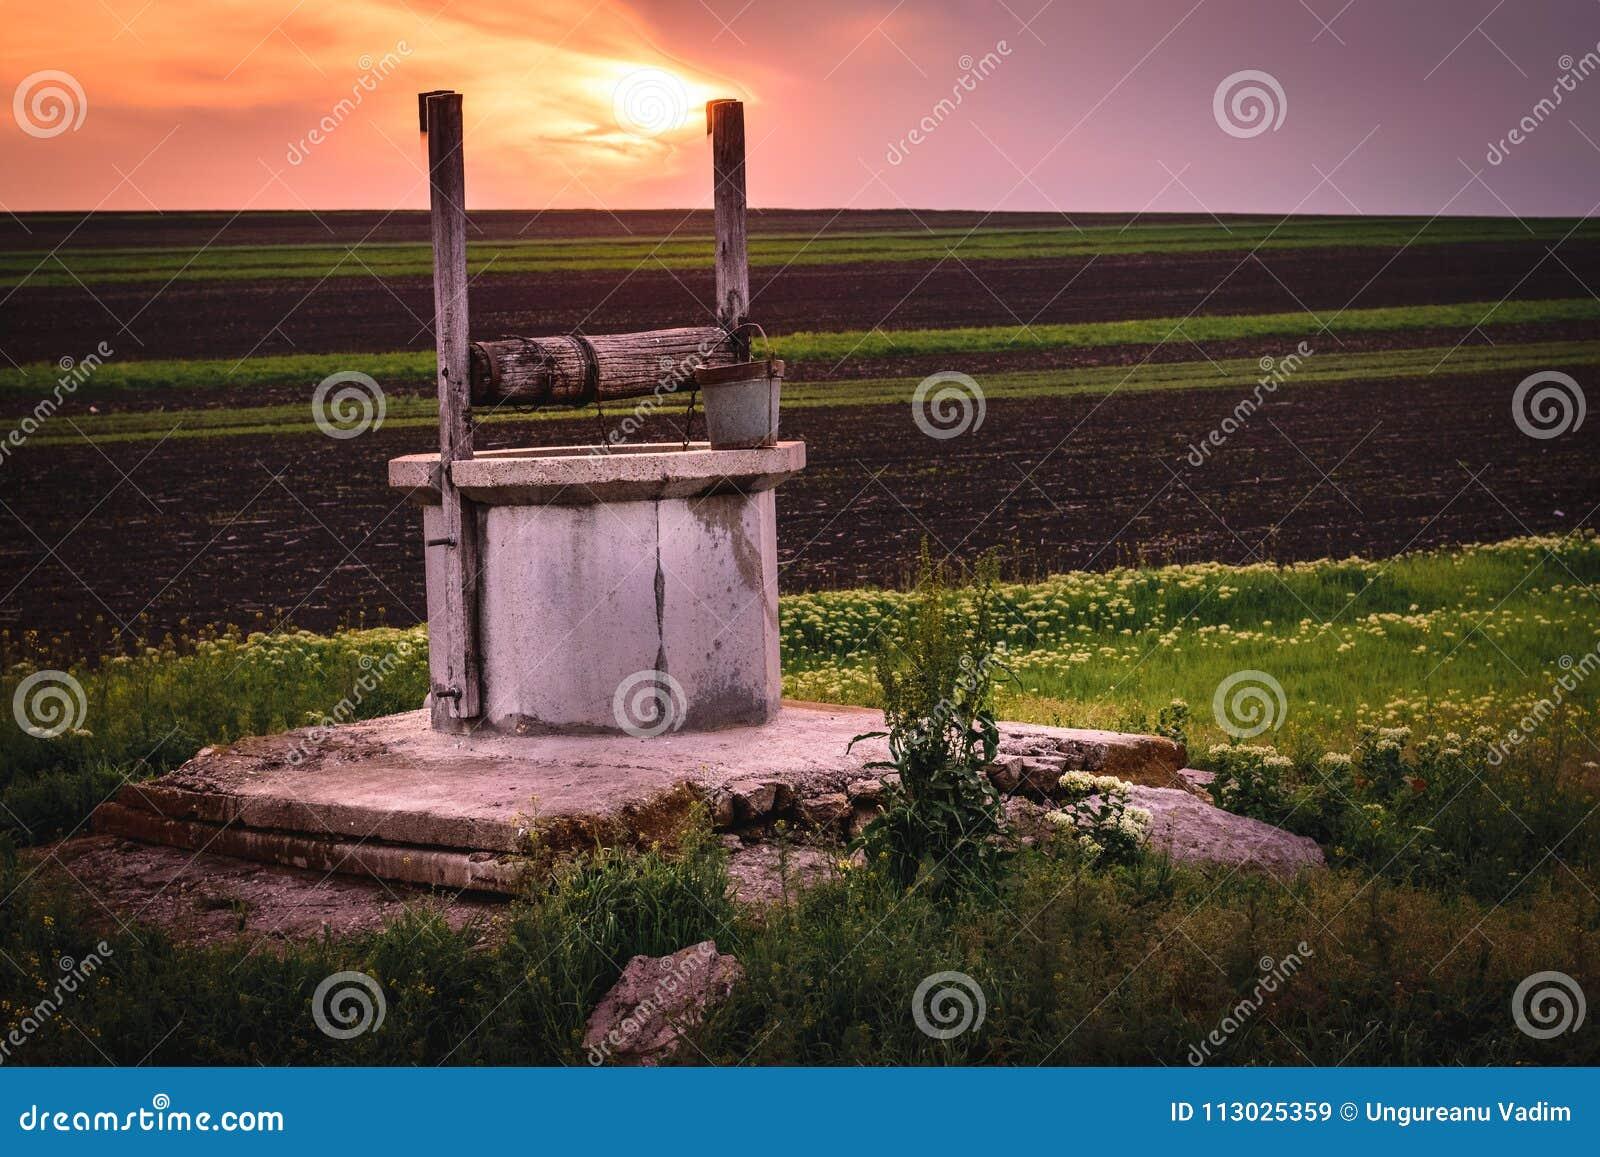 Una vista a un pozo de drenaje cerca un campo durante amanecer